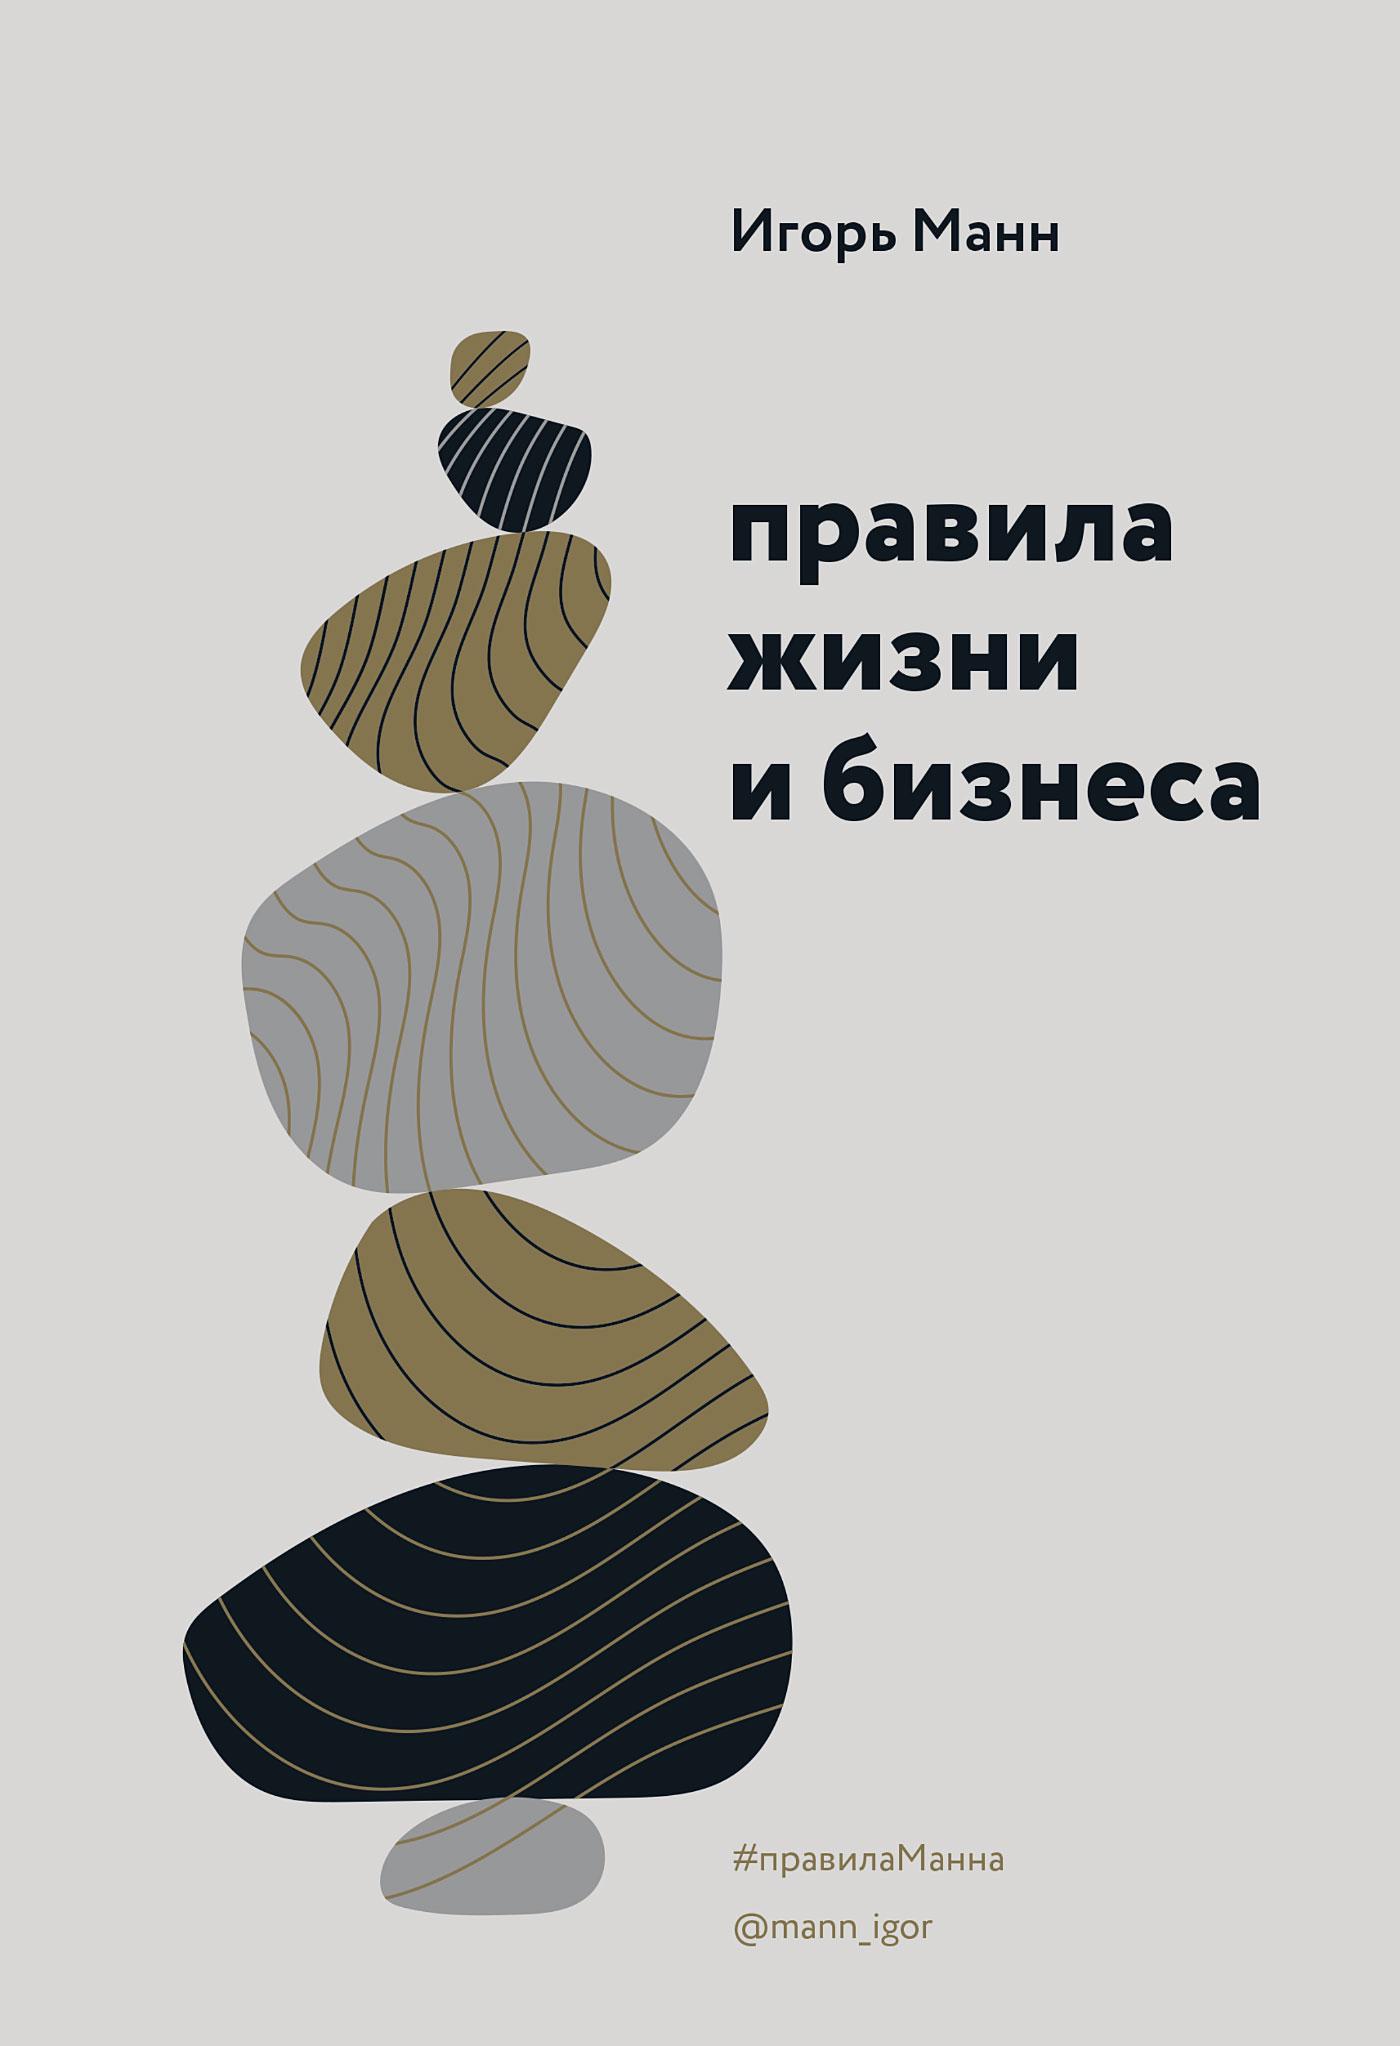 Игорь Манн Правила жизни и бизнеса